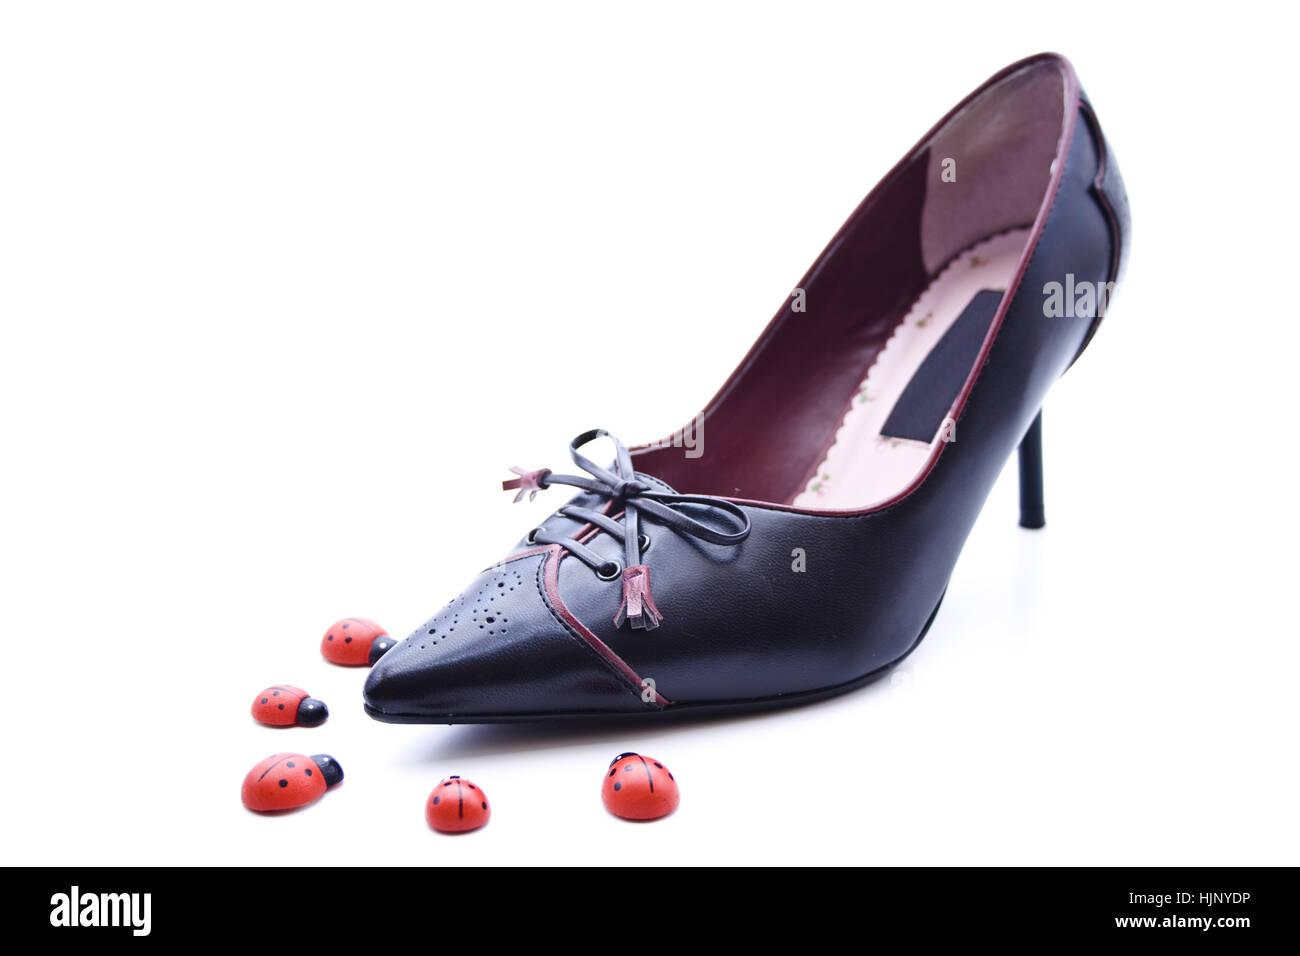 women's shoe with beetle - Stock Image